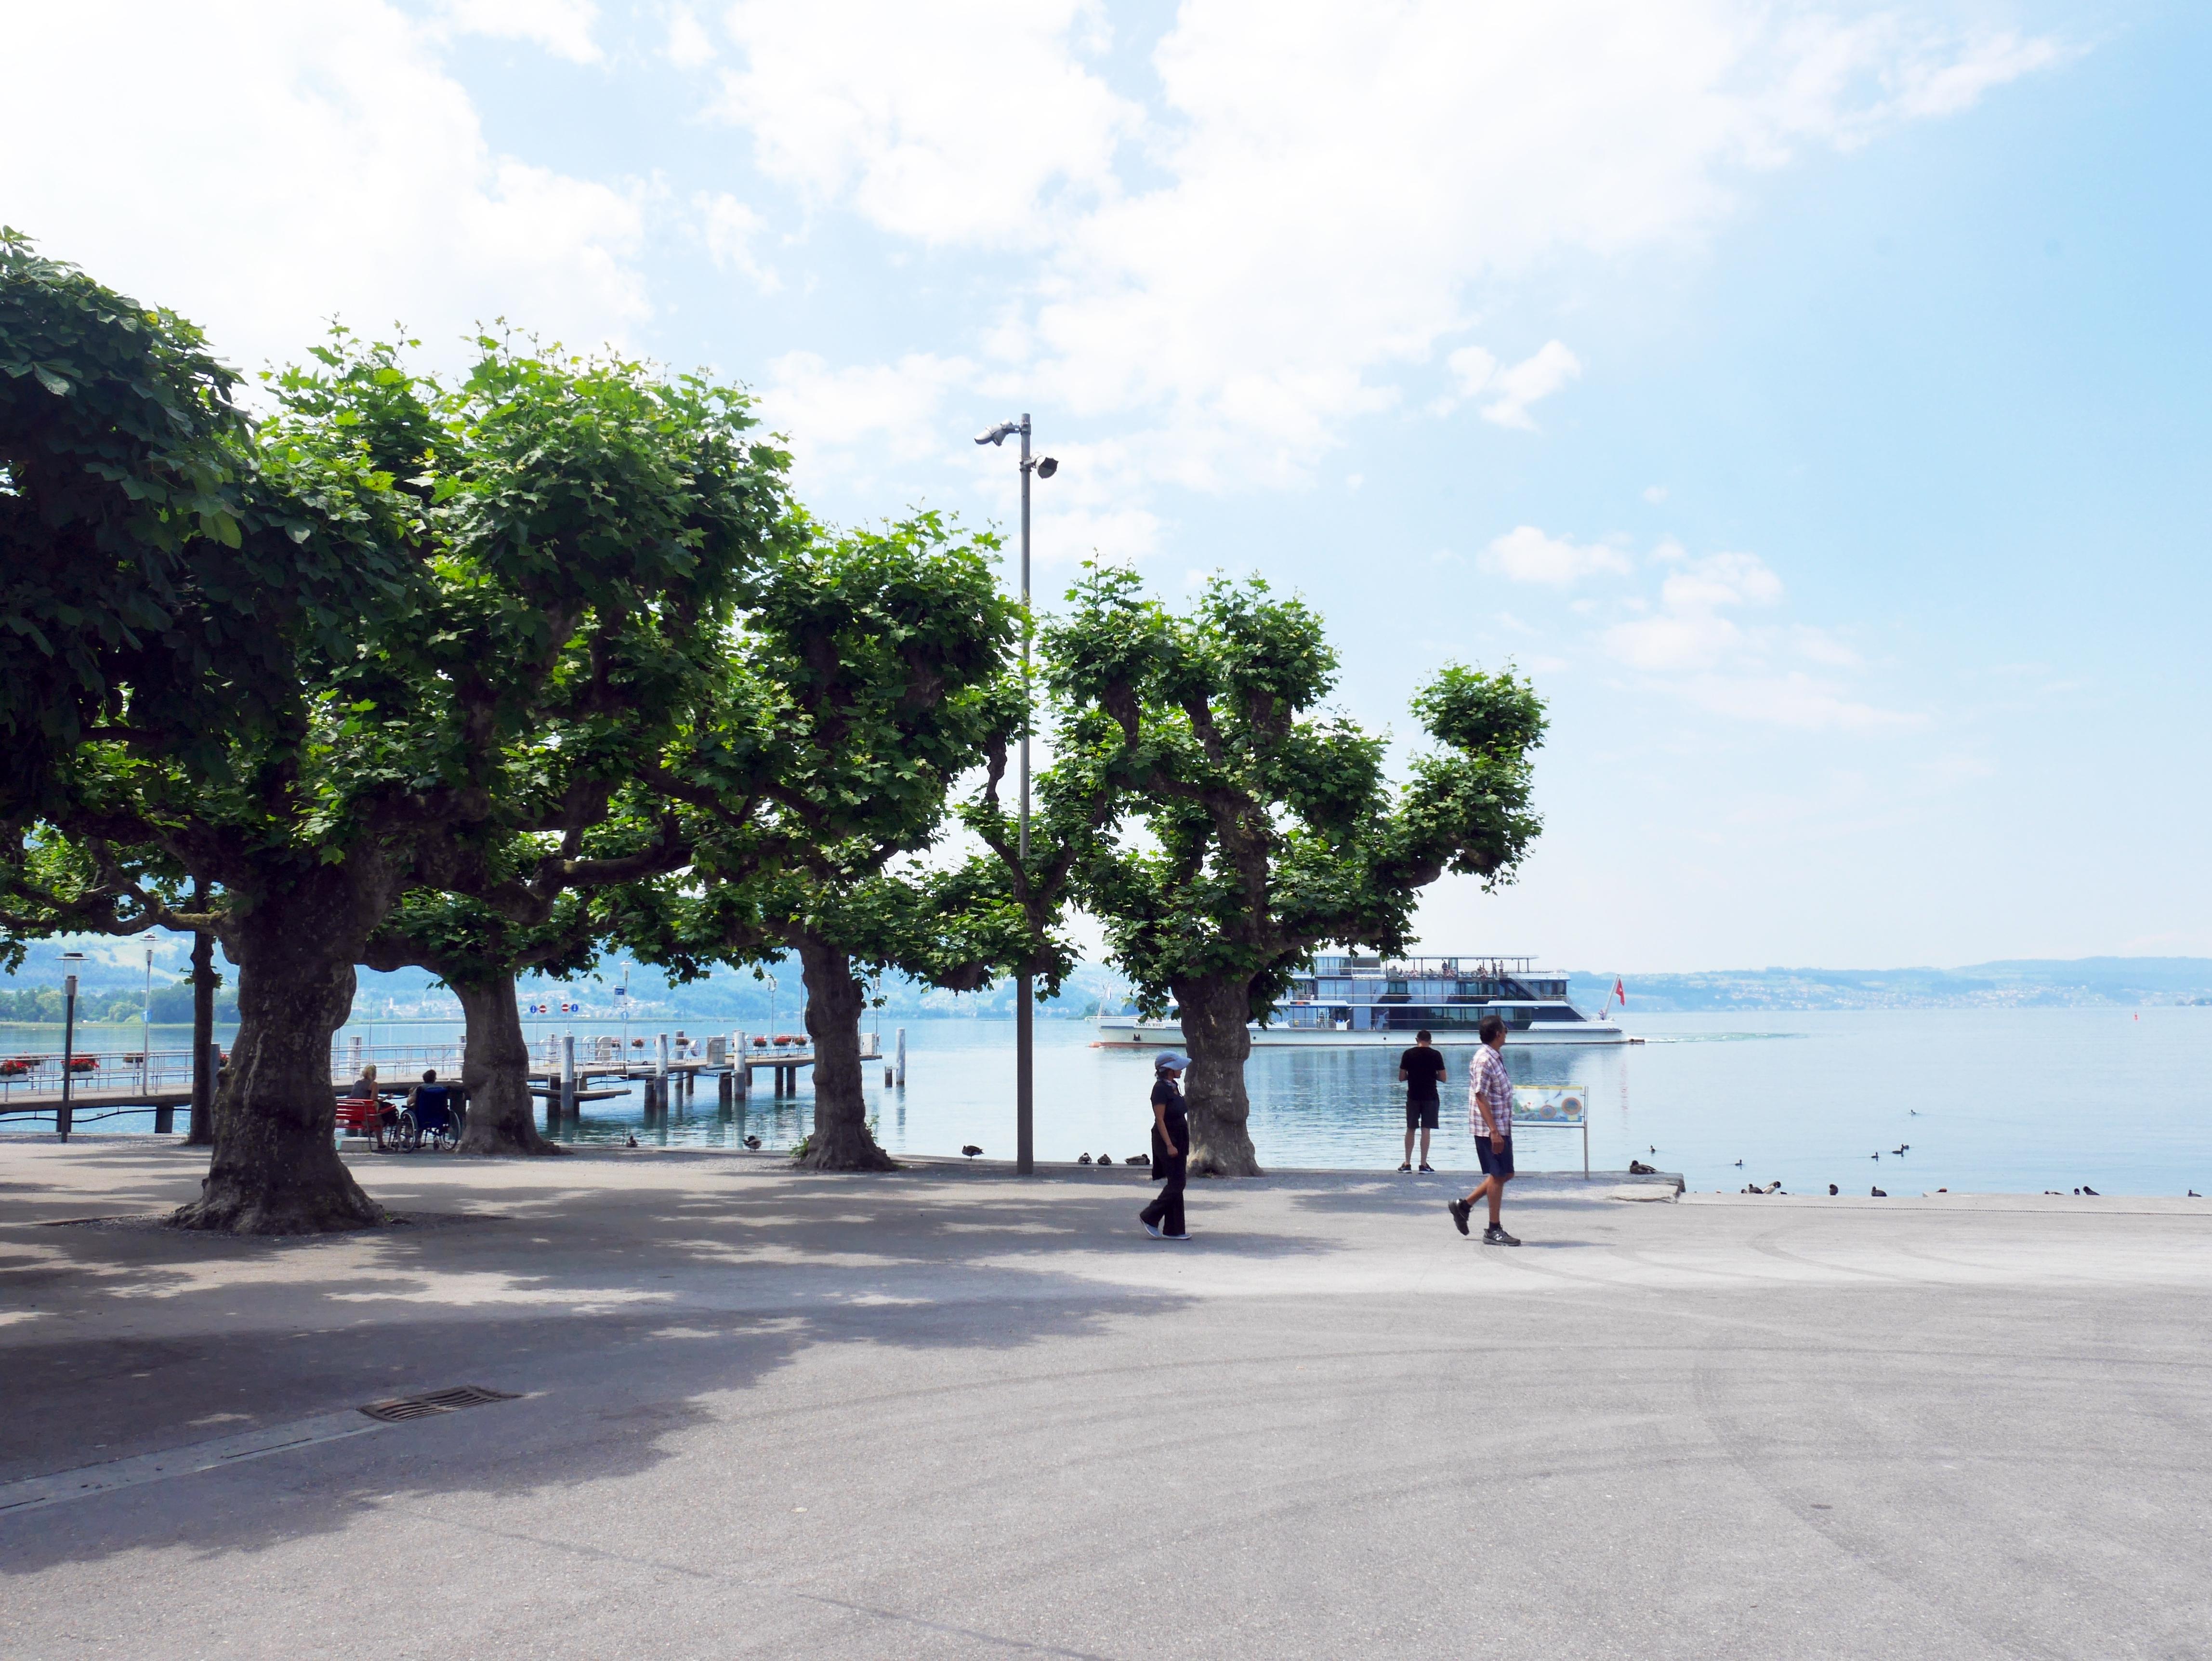 Zurich kylä